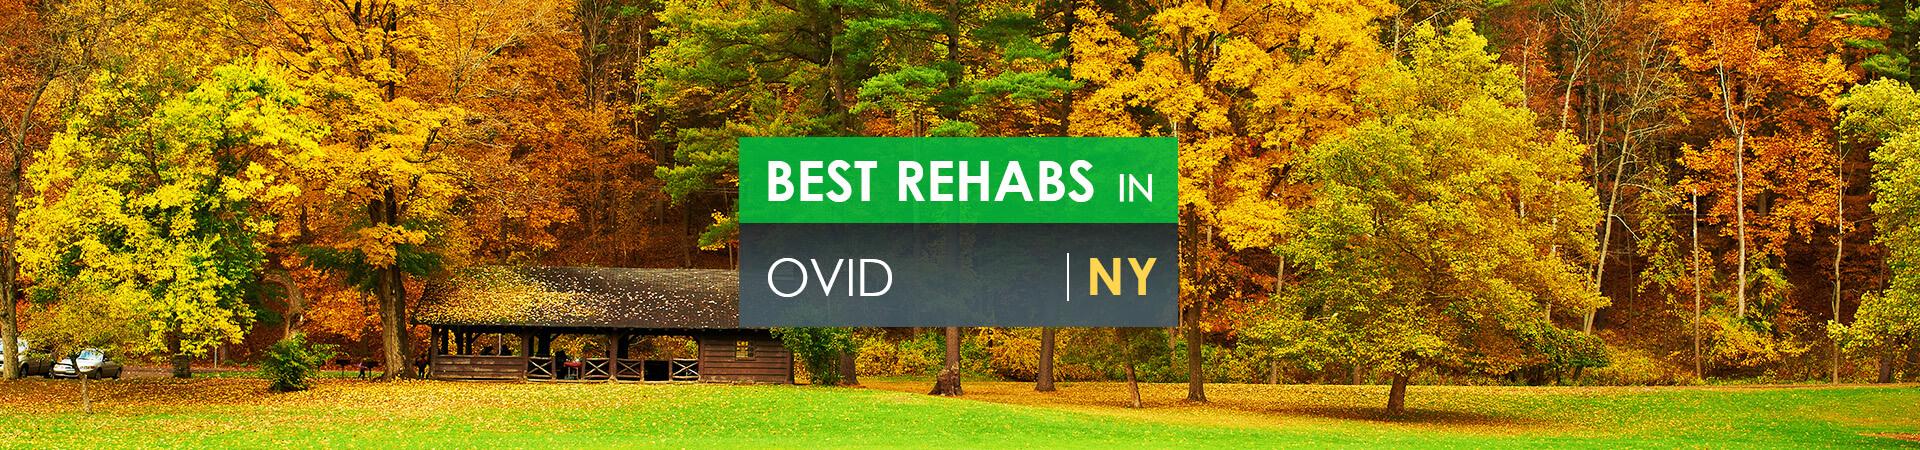 Best rehabs in Ovid, NY